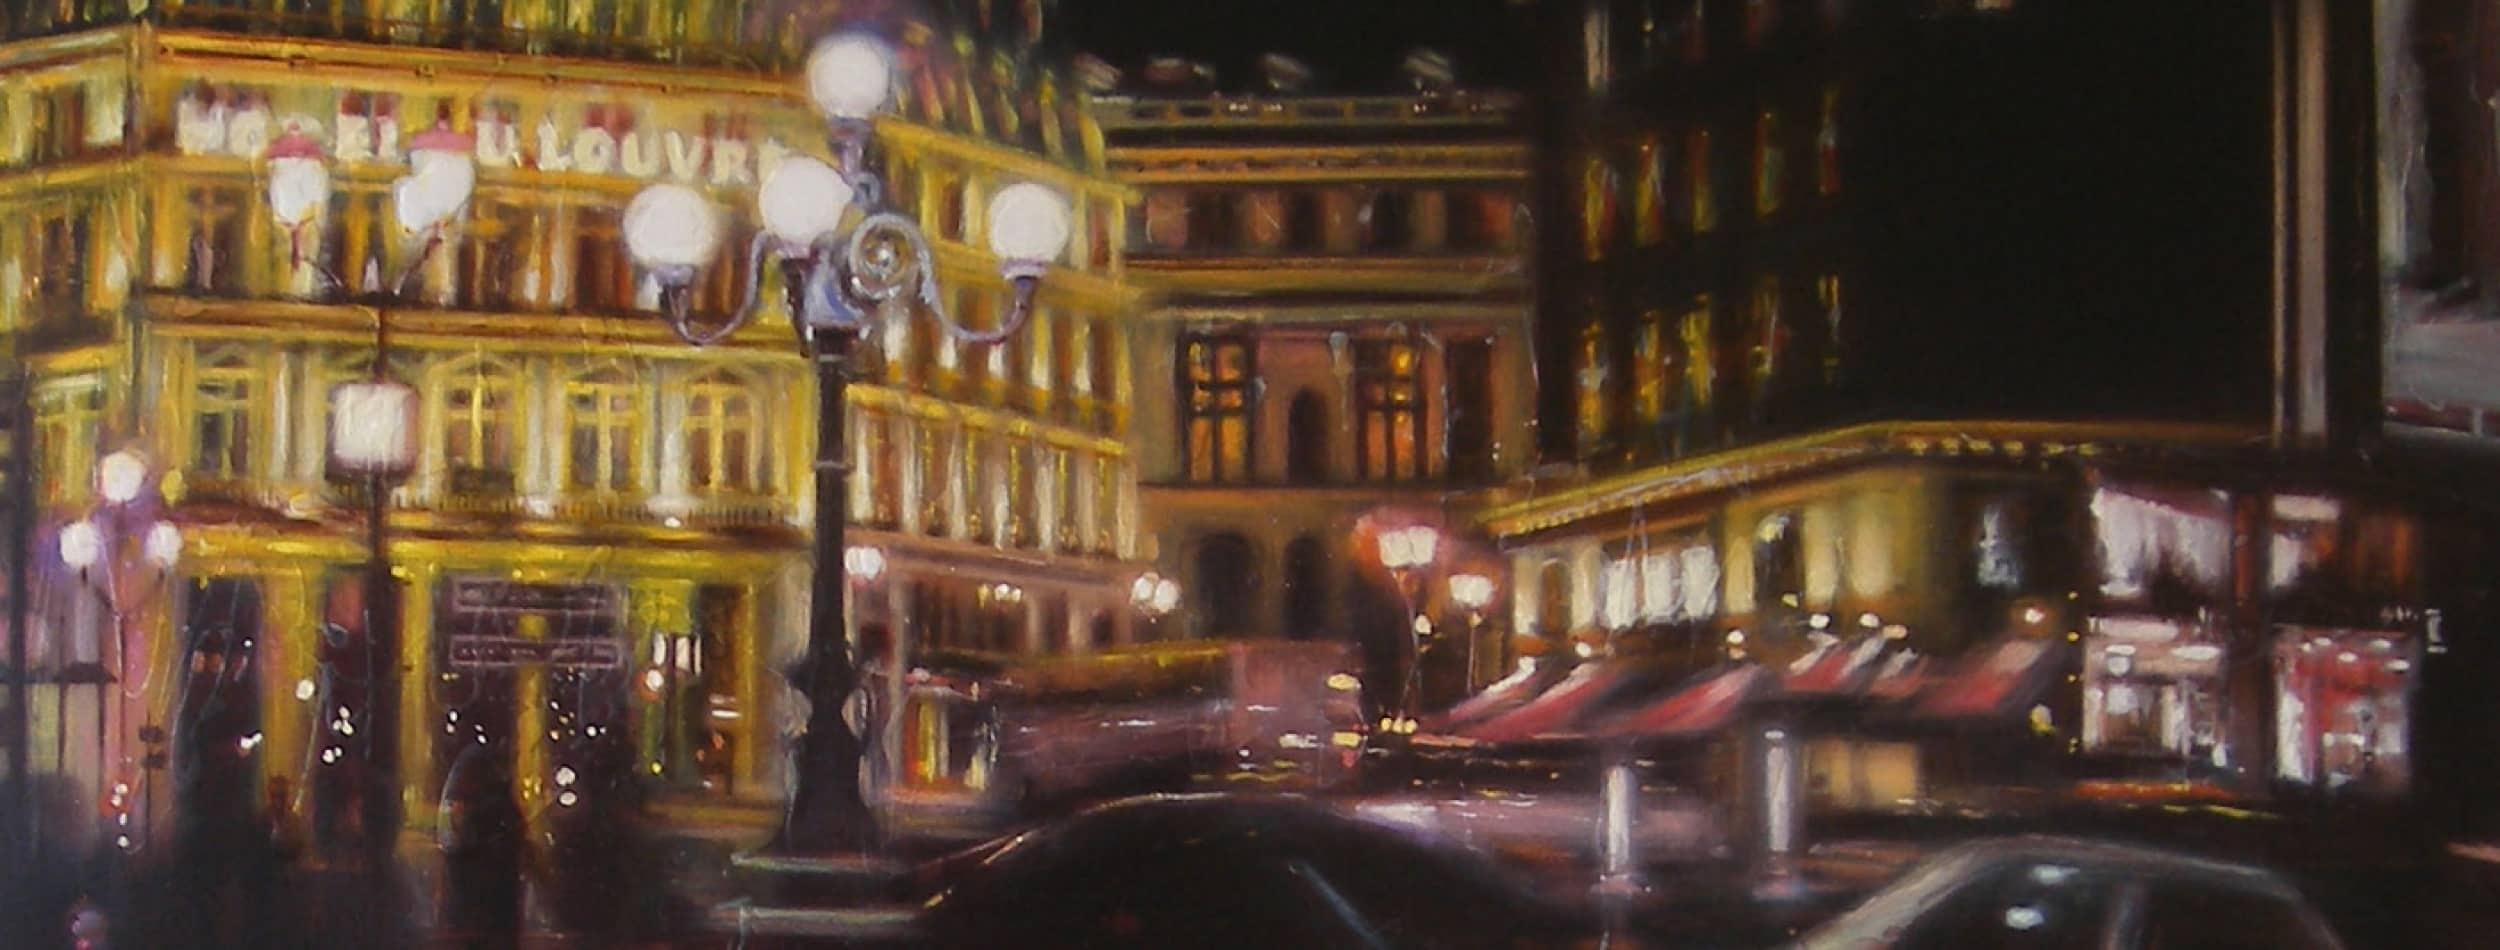 Hotel-du-Louvre-Paris-2500x950_c